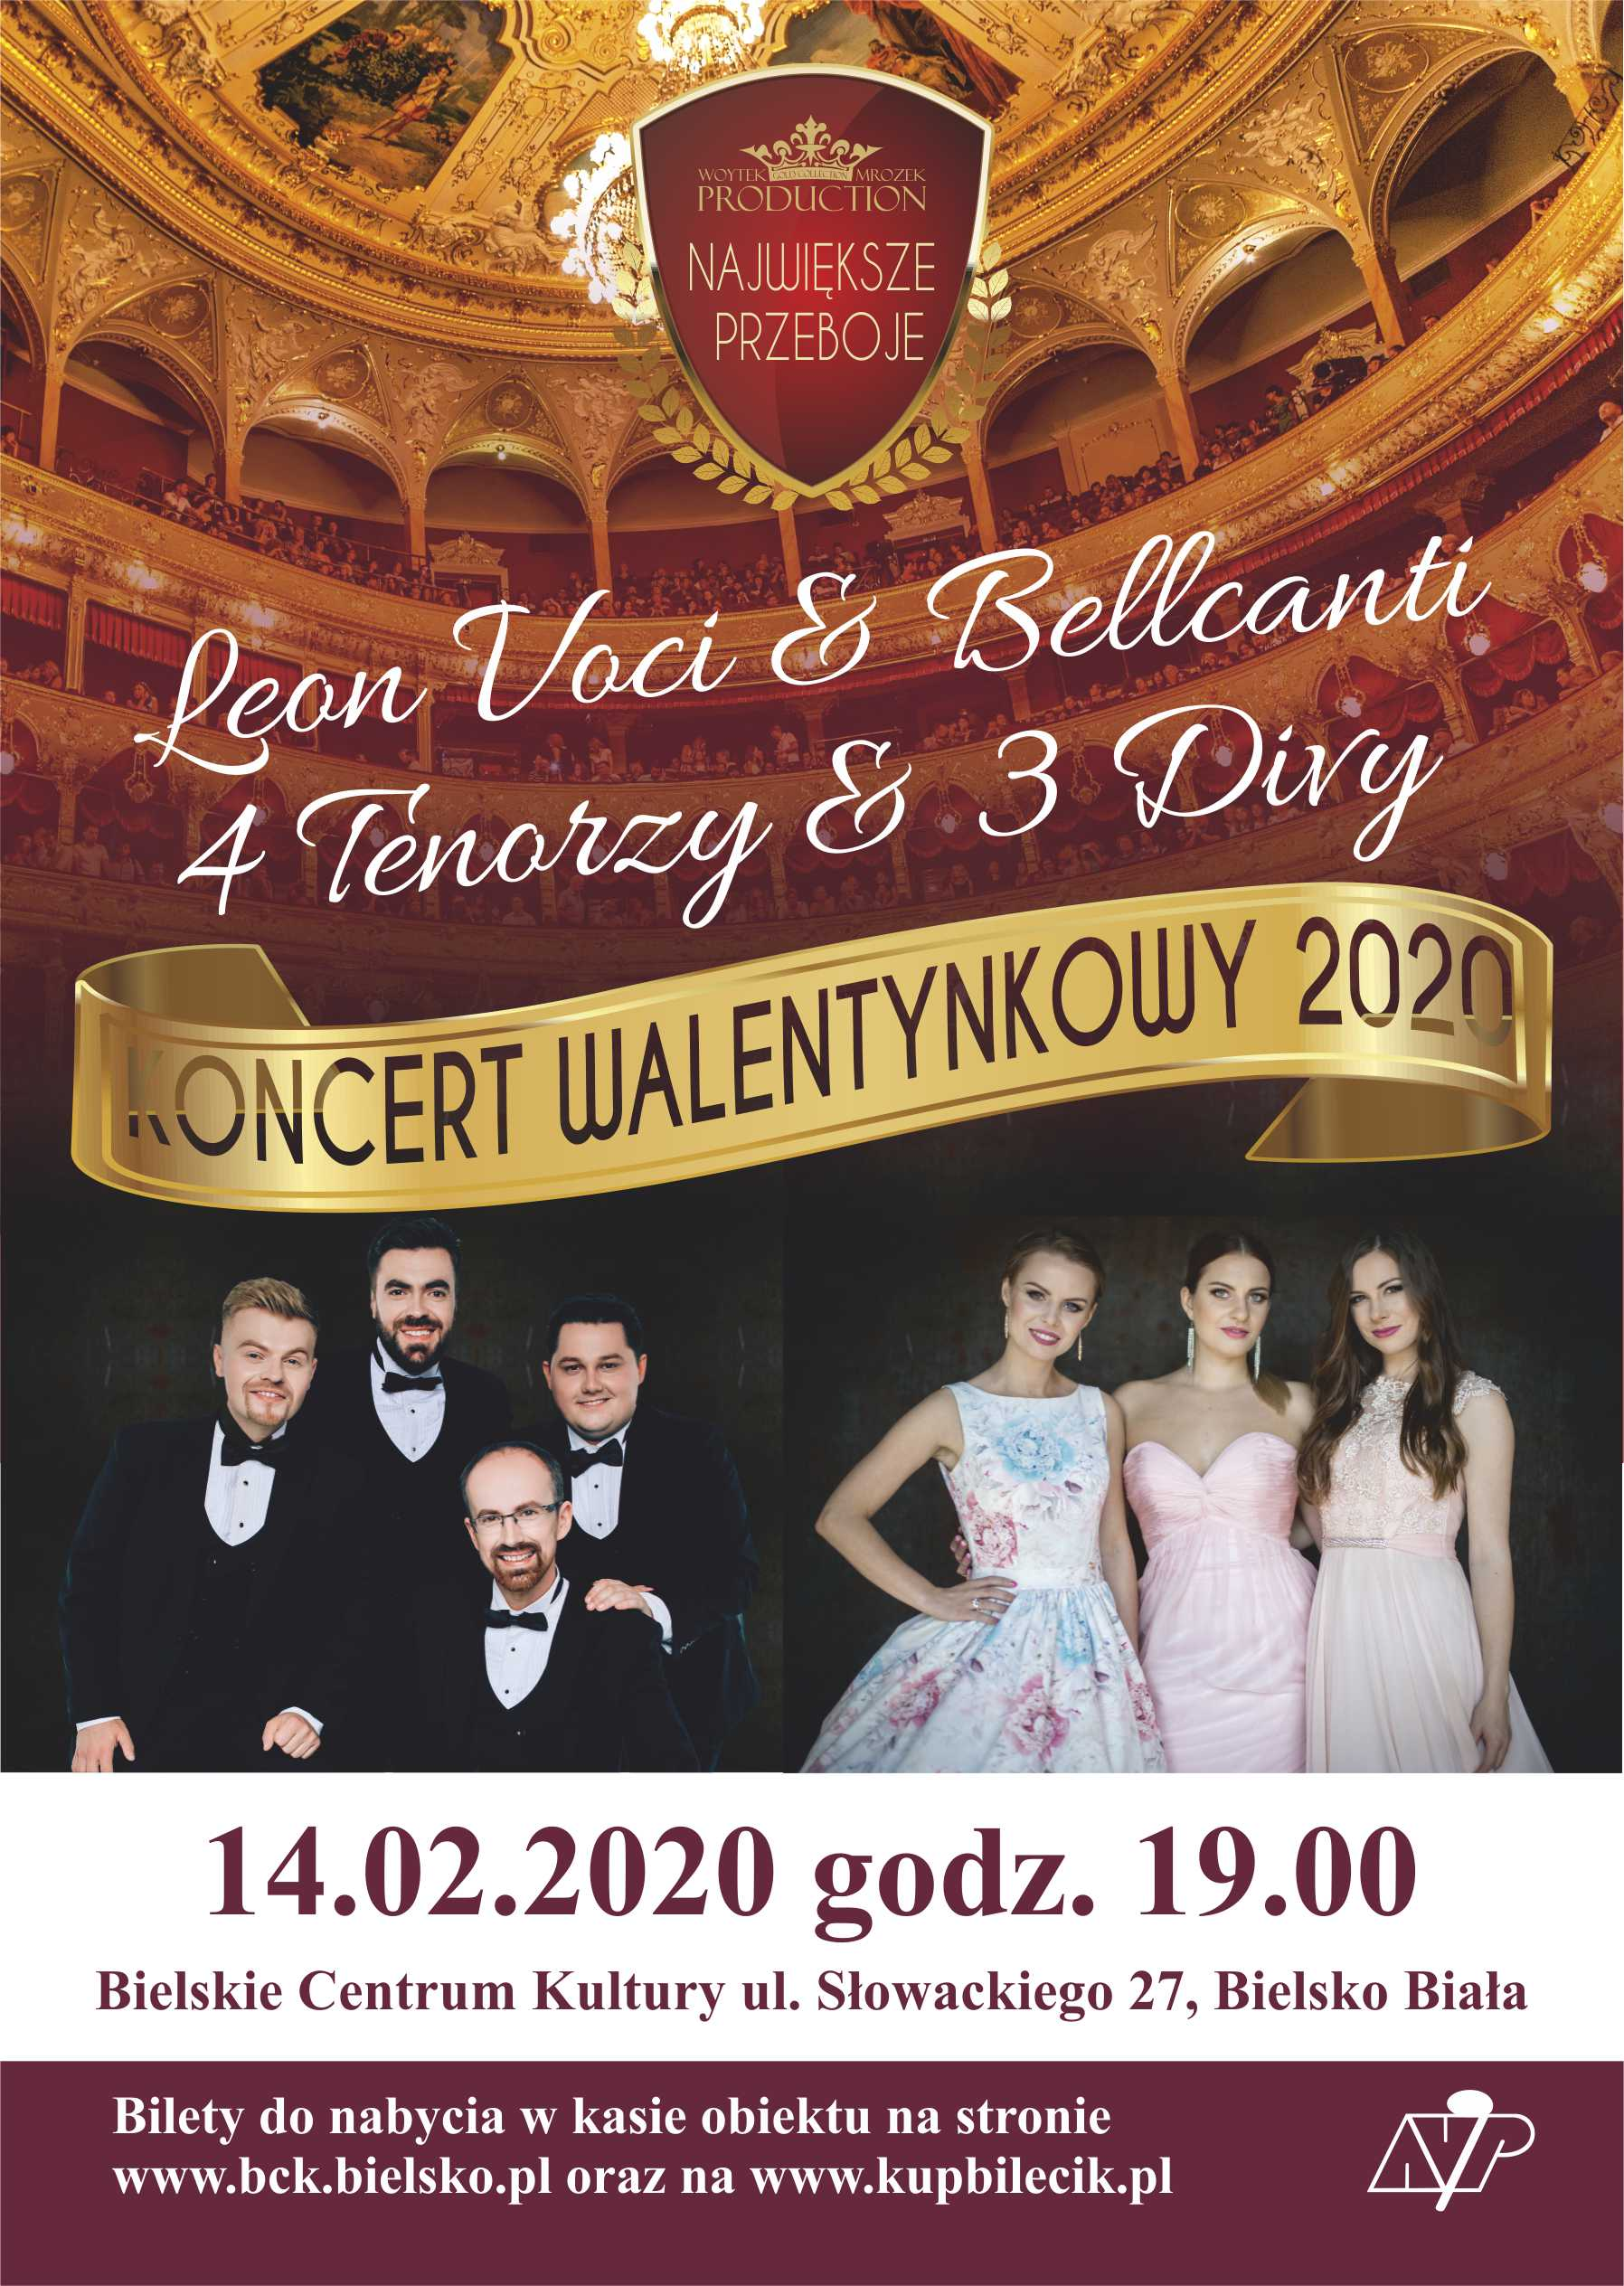 Ekskluzywny Koncert Walentynkowy 2020 - 7 Wspaniałych Leonvoci & Bellcanti Wm Ensemble